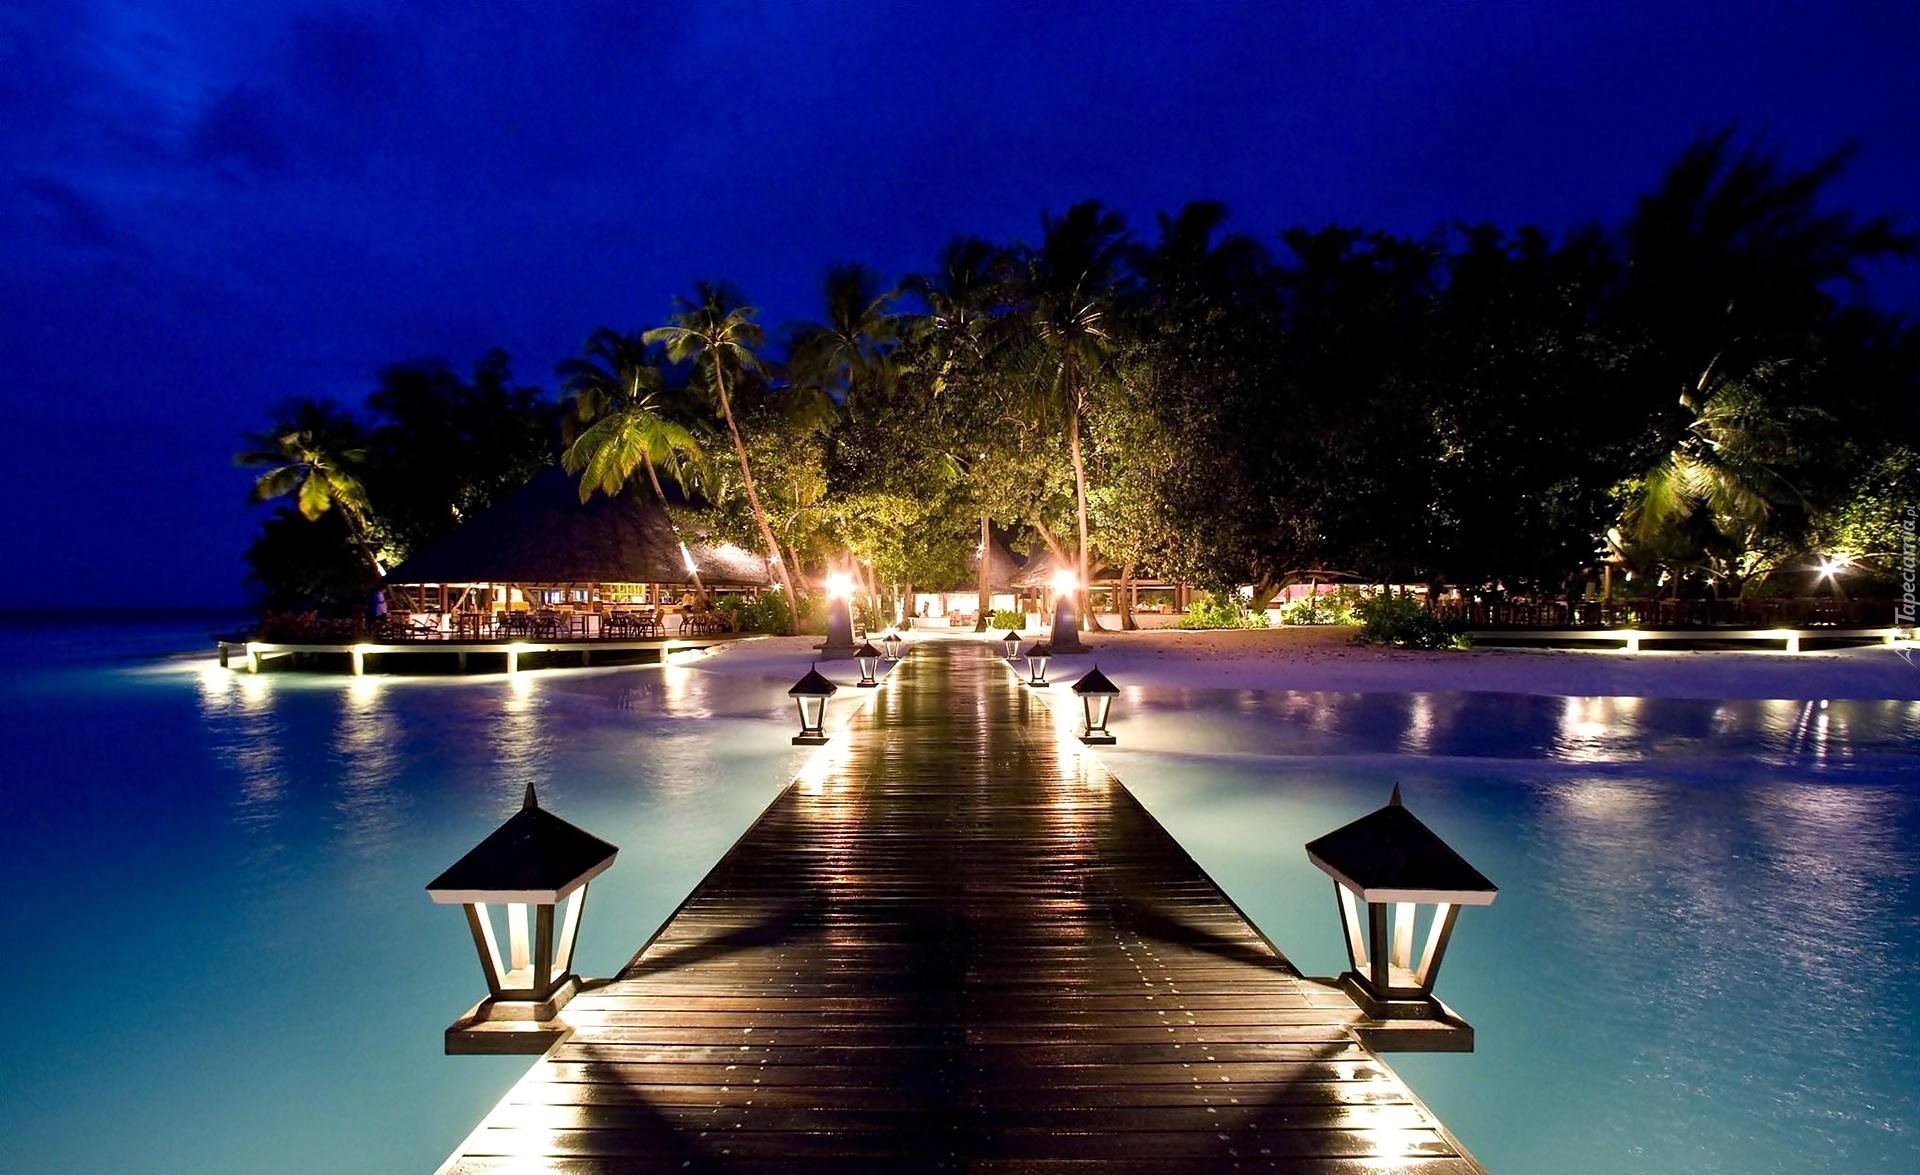 красивые картинки пляжа ночью индийская